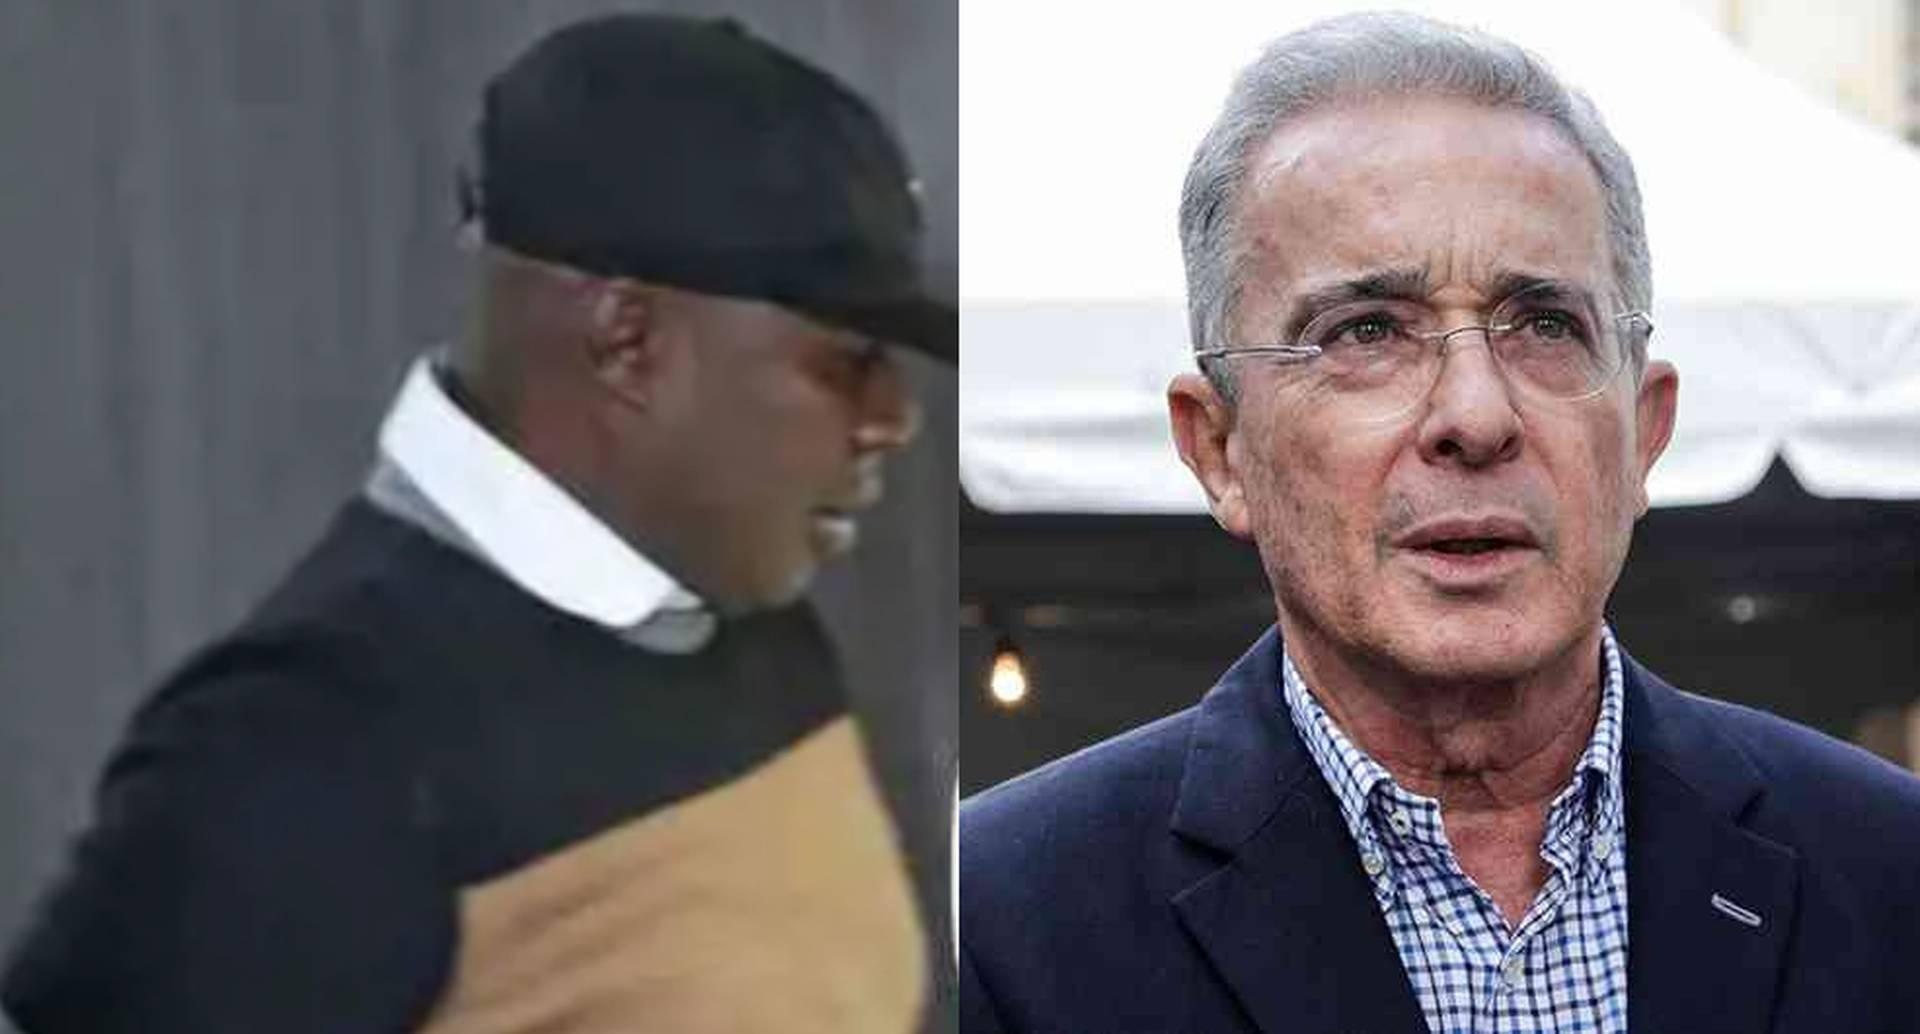 Harlington Mosquera y Uribe